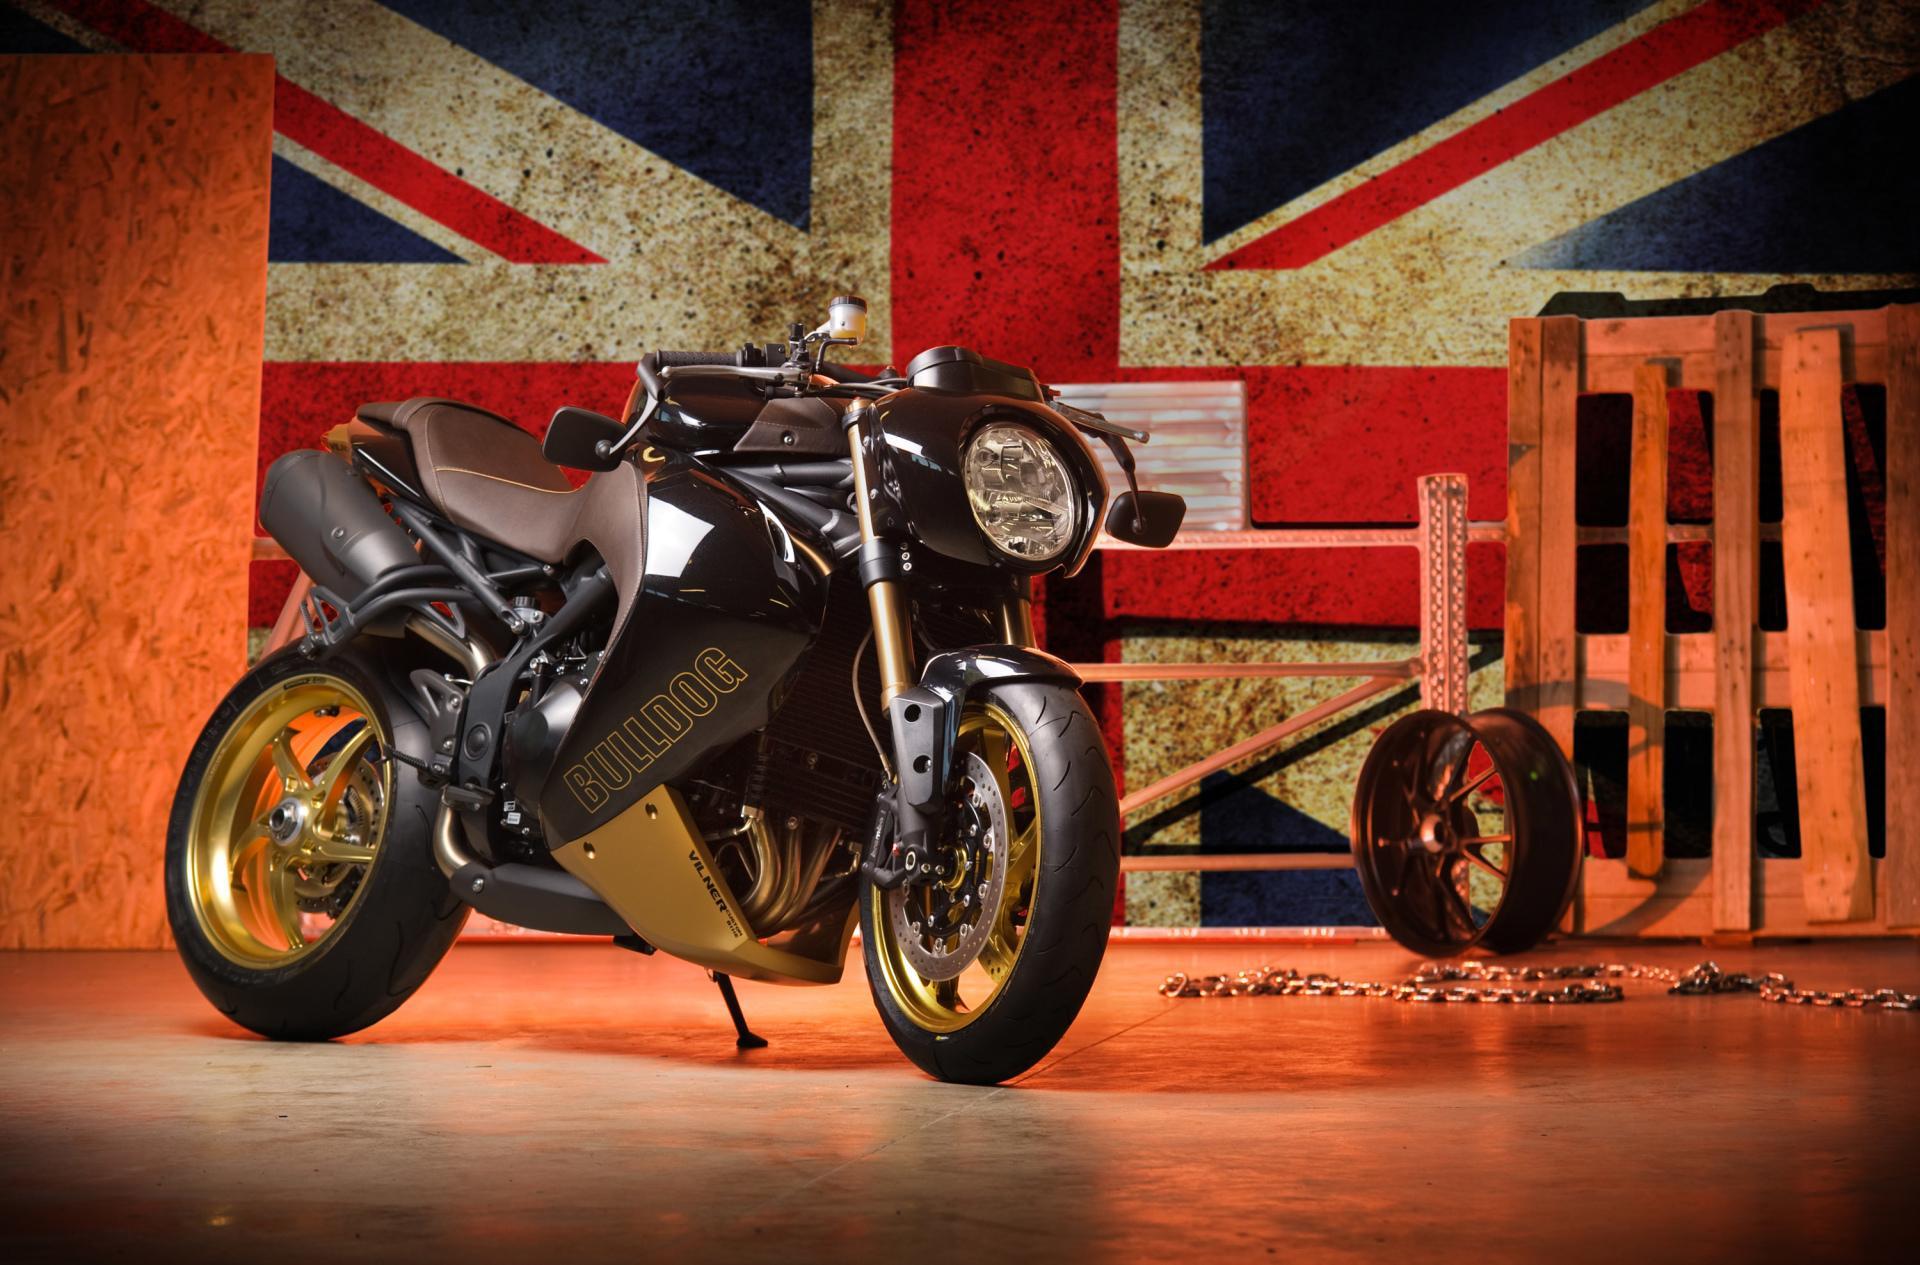 мотоциклы желтый triumph speed triple бесплатно